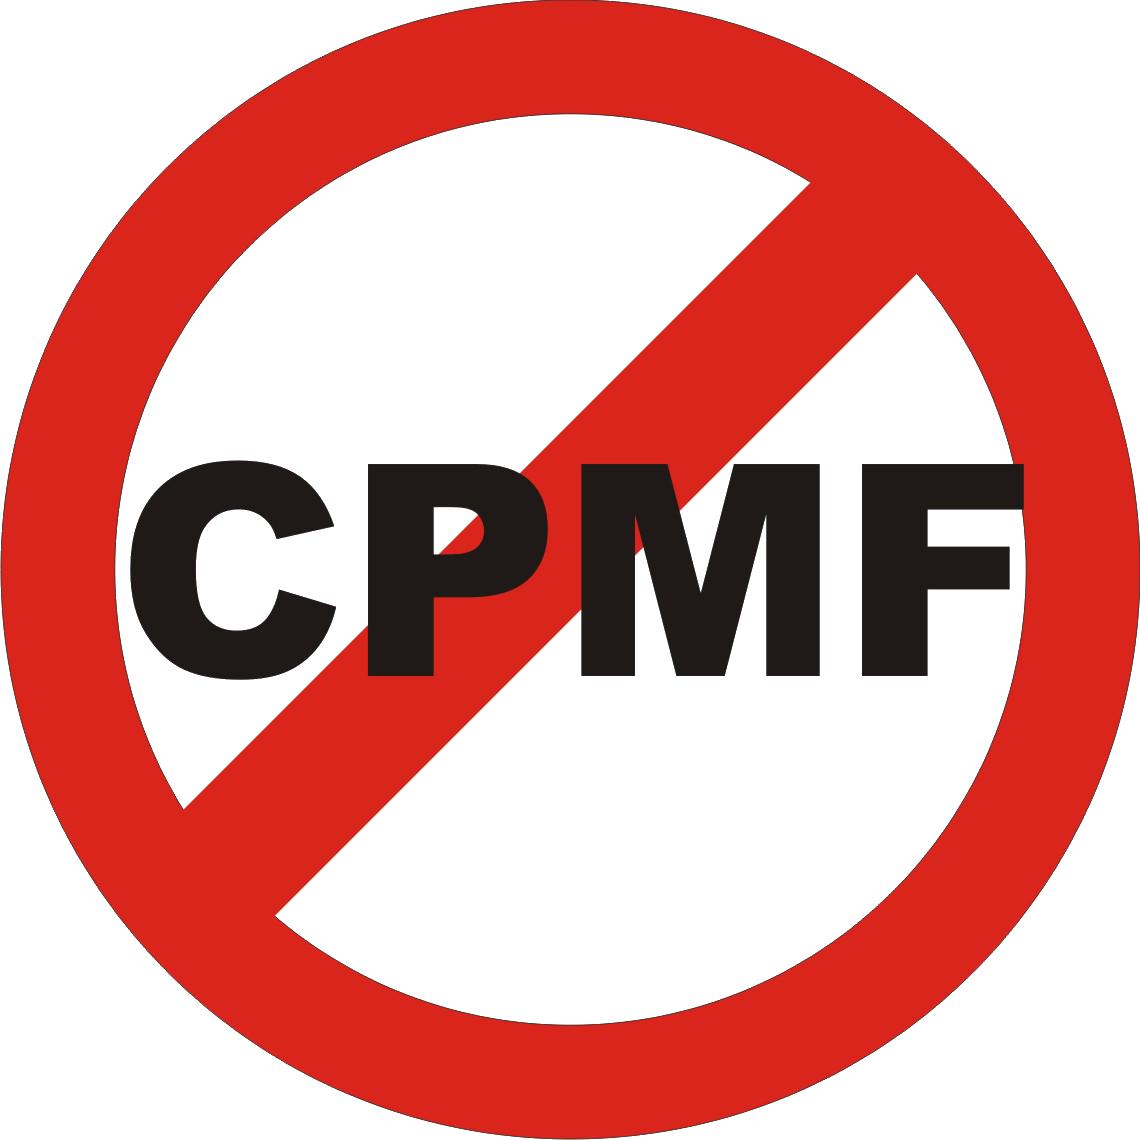 Governo admite que CPMF pode não ser exclusiva para Previdência - Notícias  - SESCAP-PR